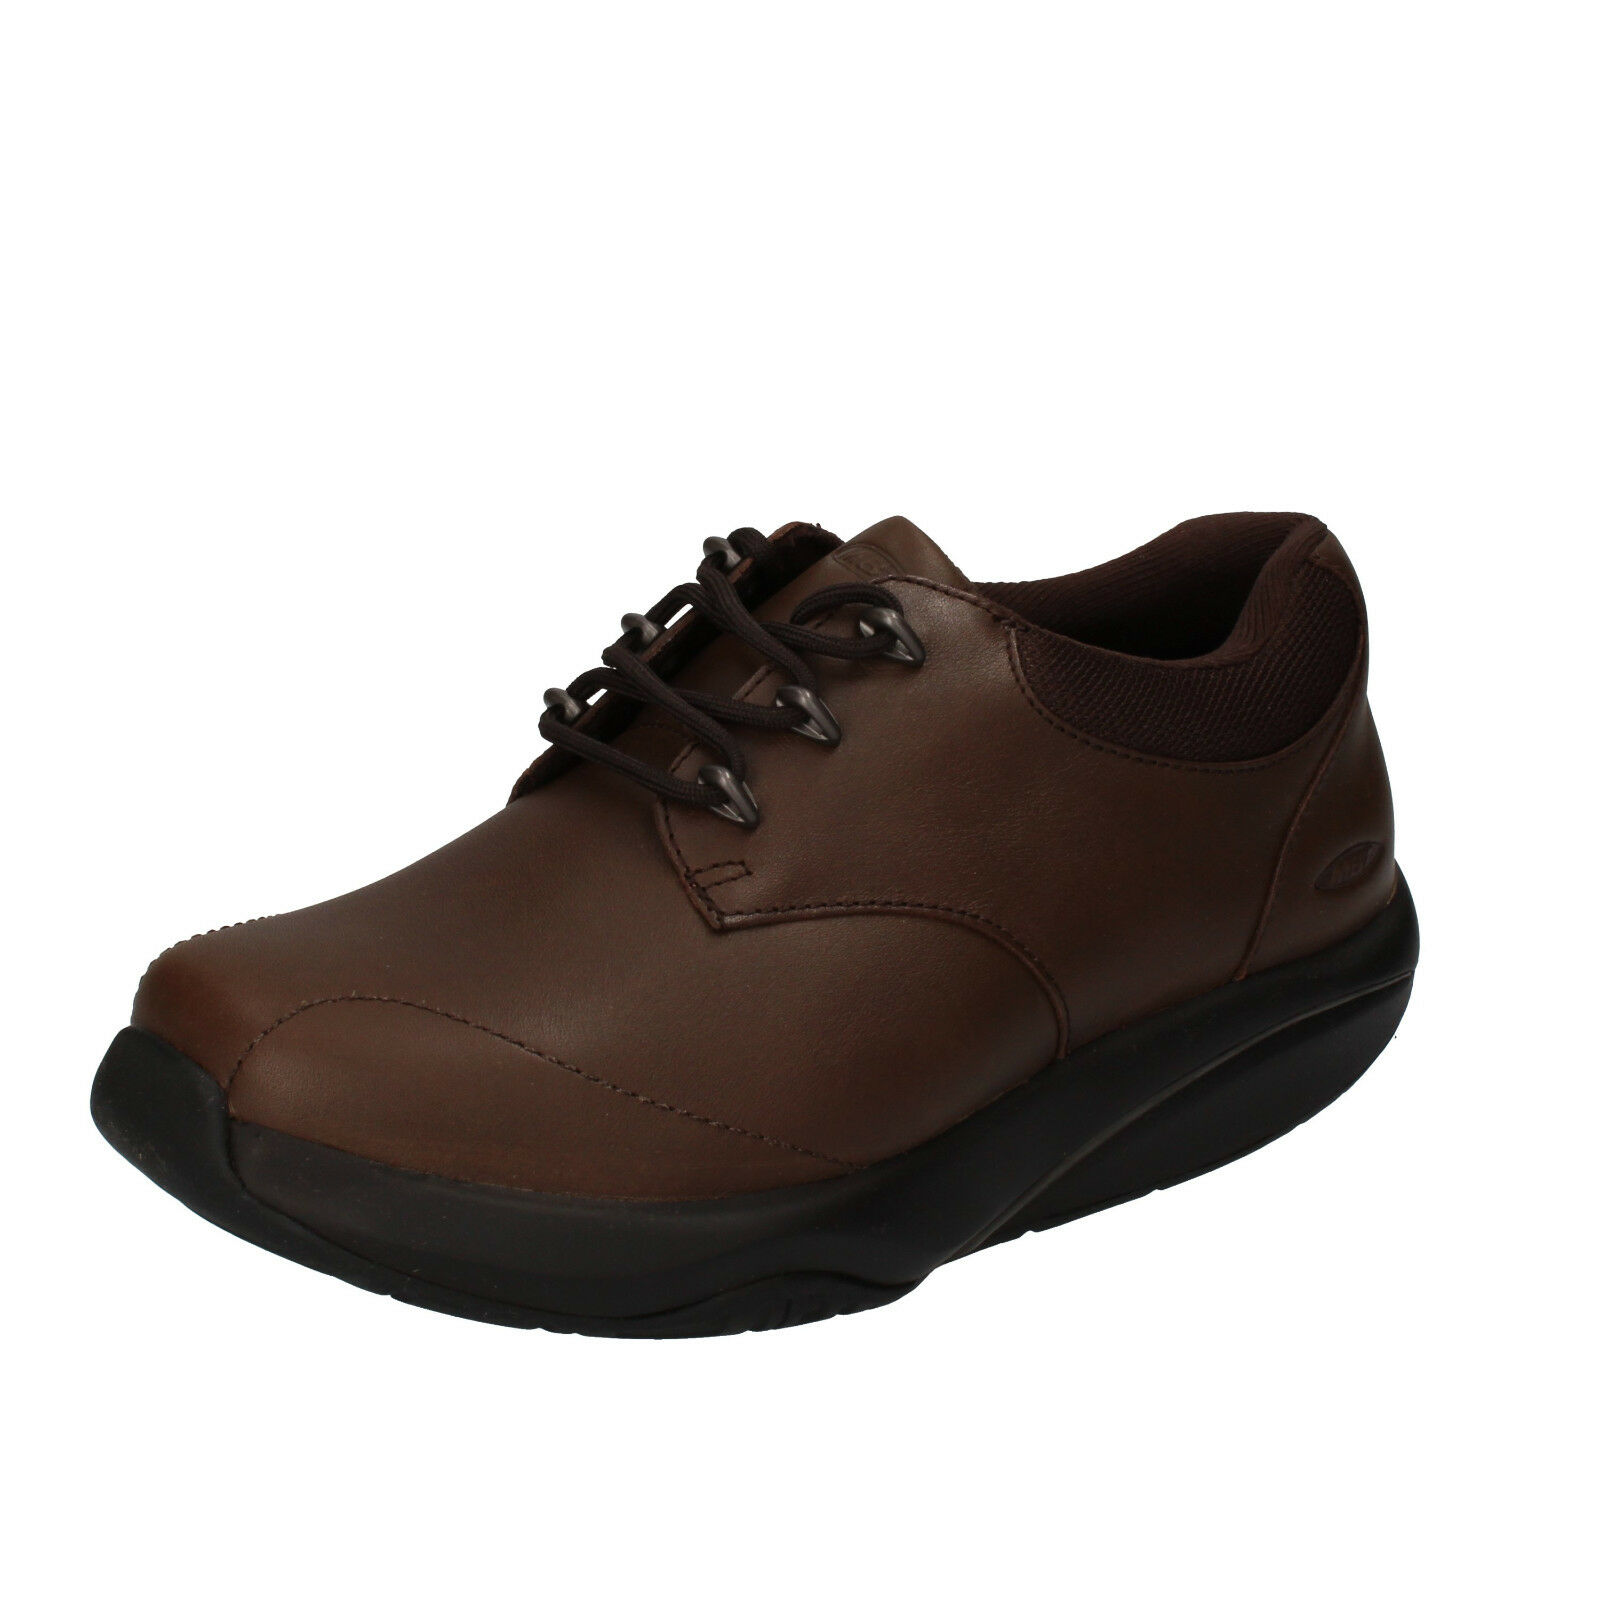 Scarpe donna MBT 35 EU scarpe da ginnastica marrone pelle tessuto dynamic AB448-B